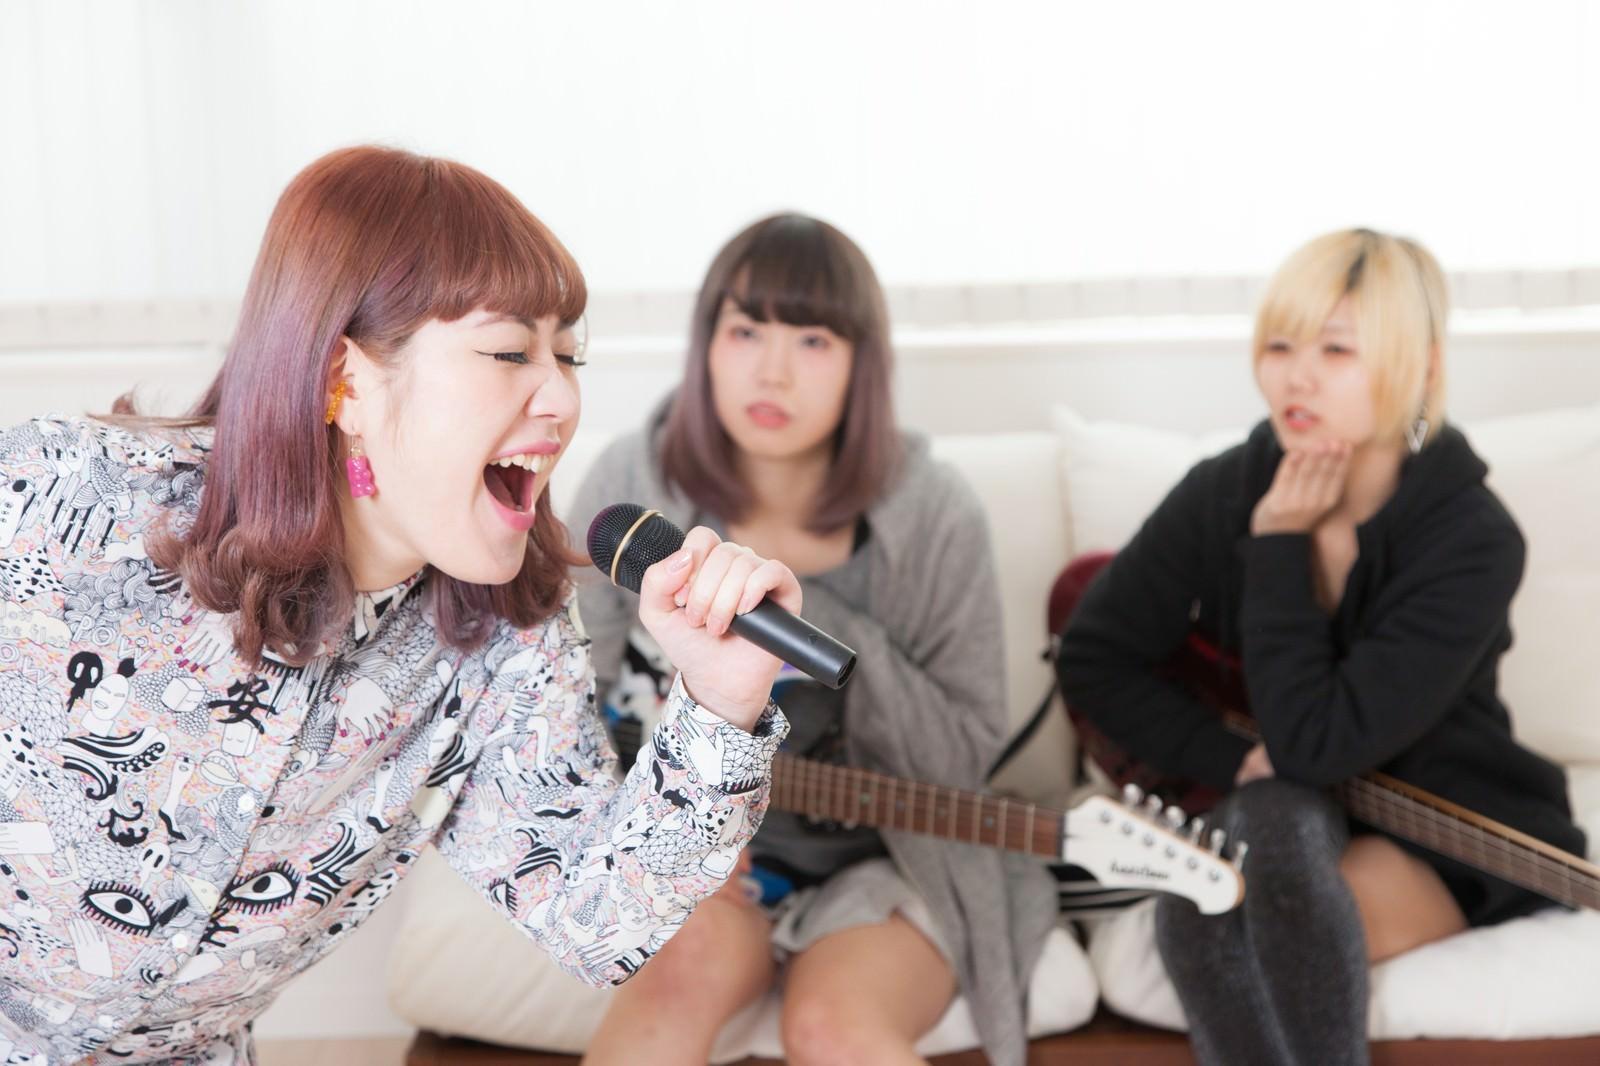 「カラオケで熱唱するバンドのボーカルカラオケで熱唱するバンドのボーカル」[モデル:IRISMONDE]のフリー写真素材を拡大